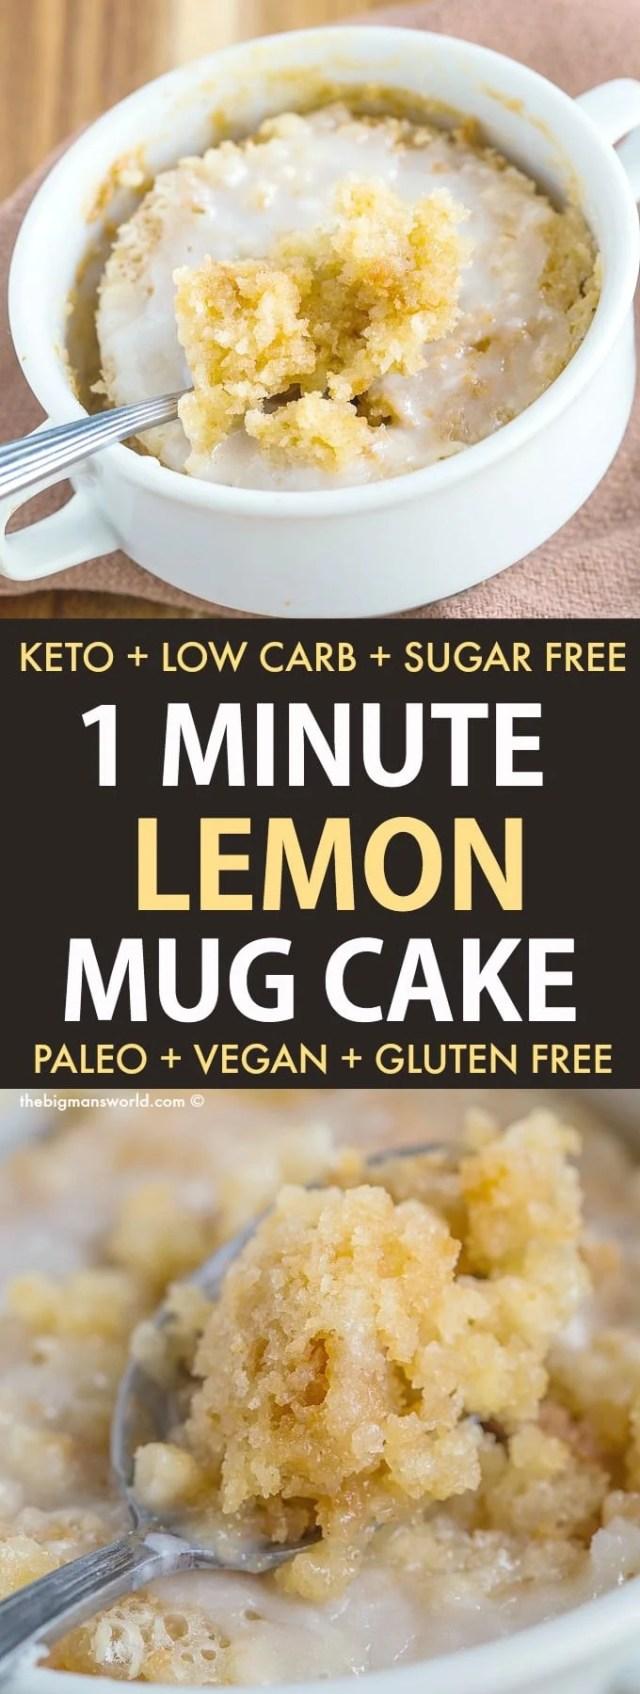 An easy low carb, keto and paleo mug cake that tastes like a Meyer lemon cake!